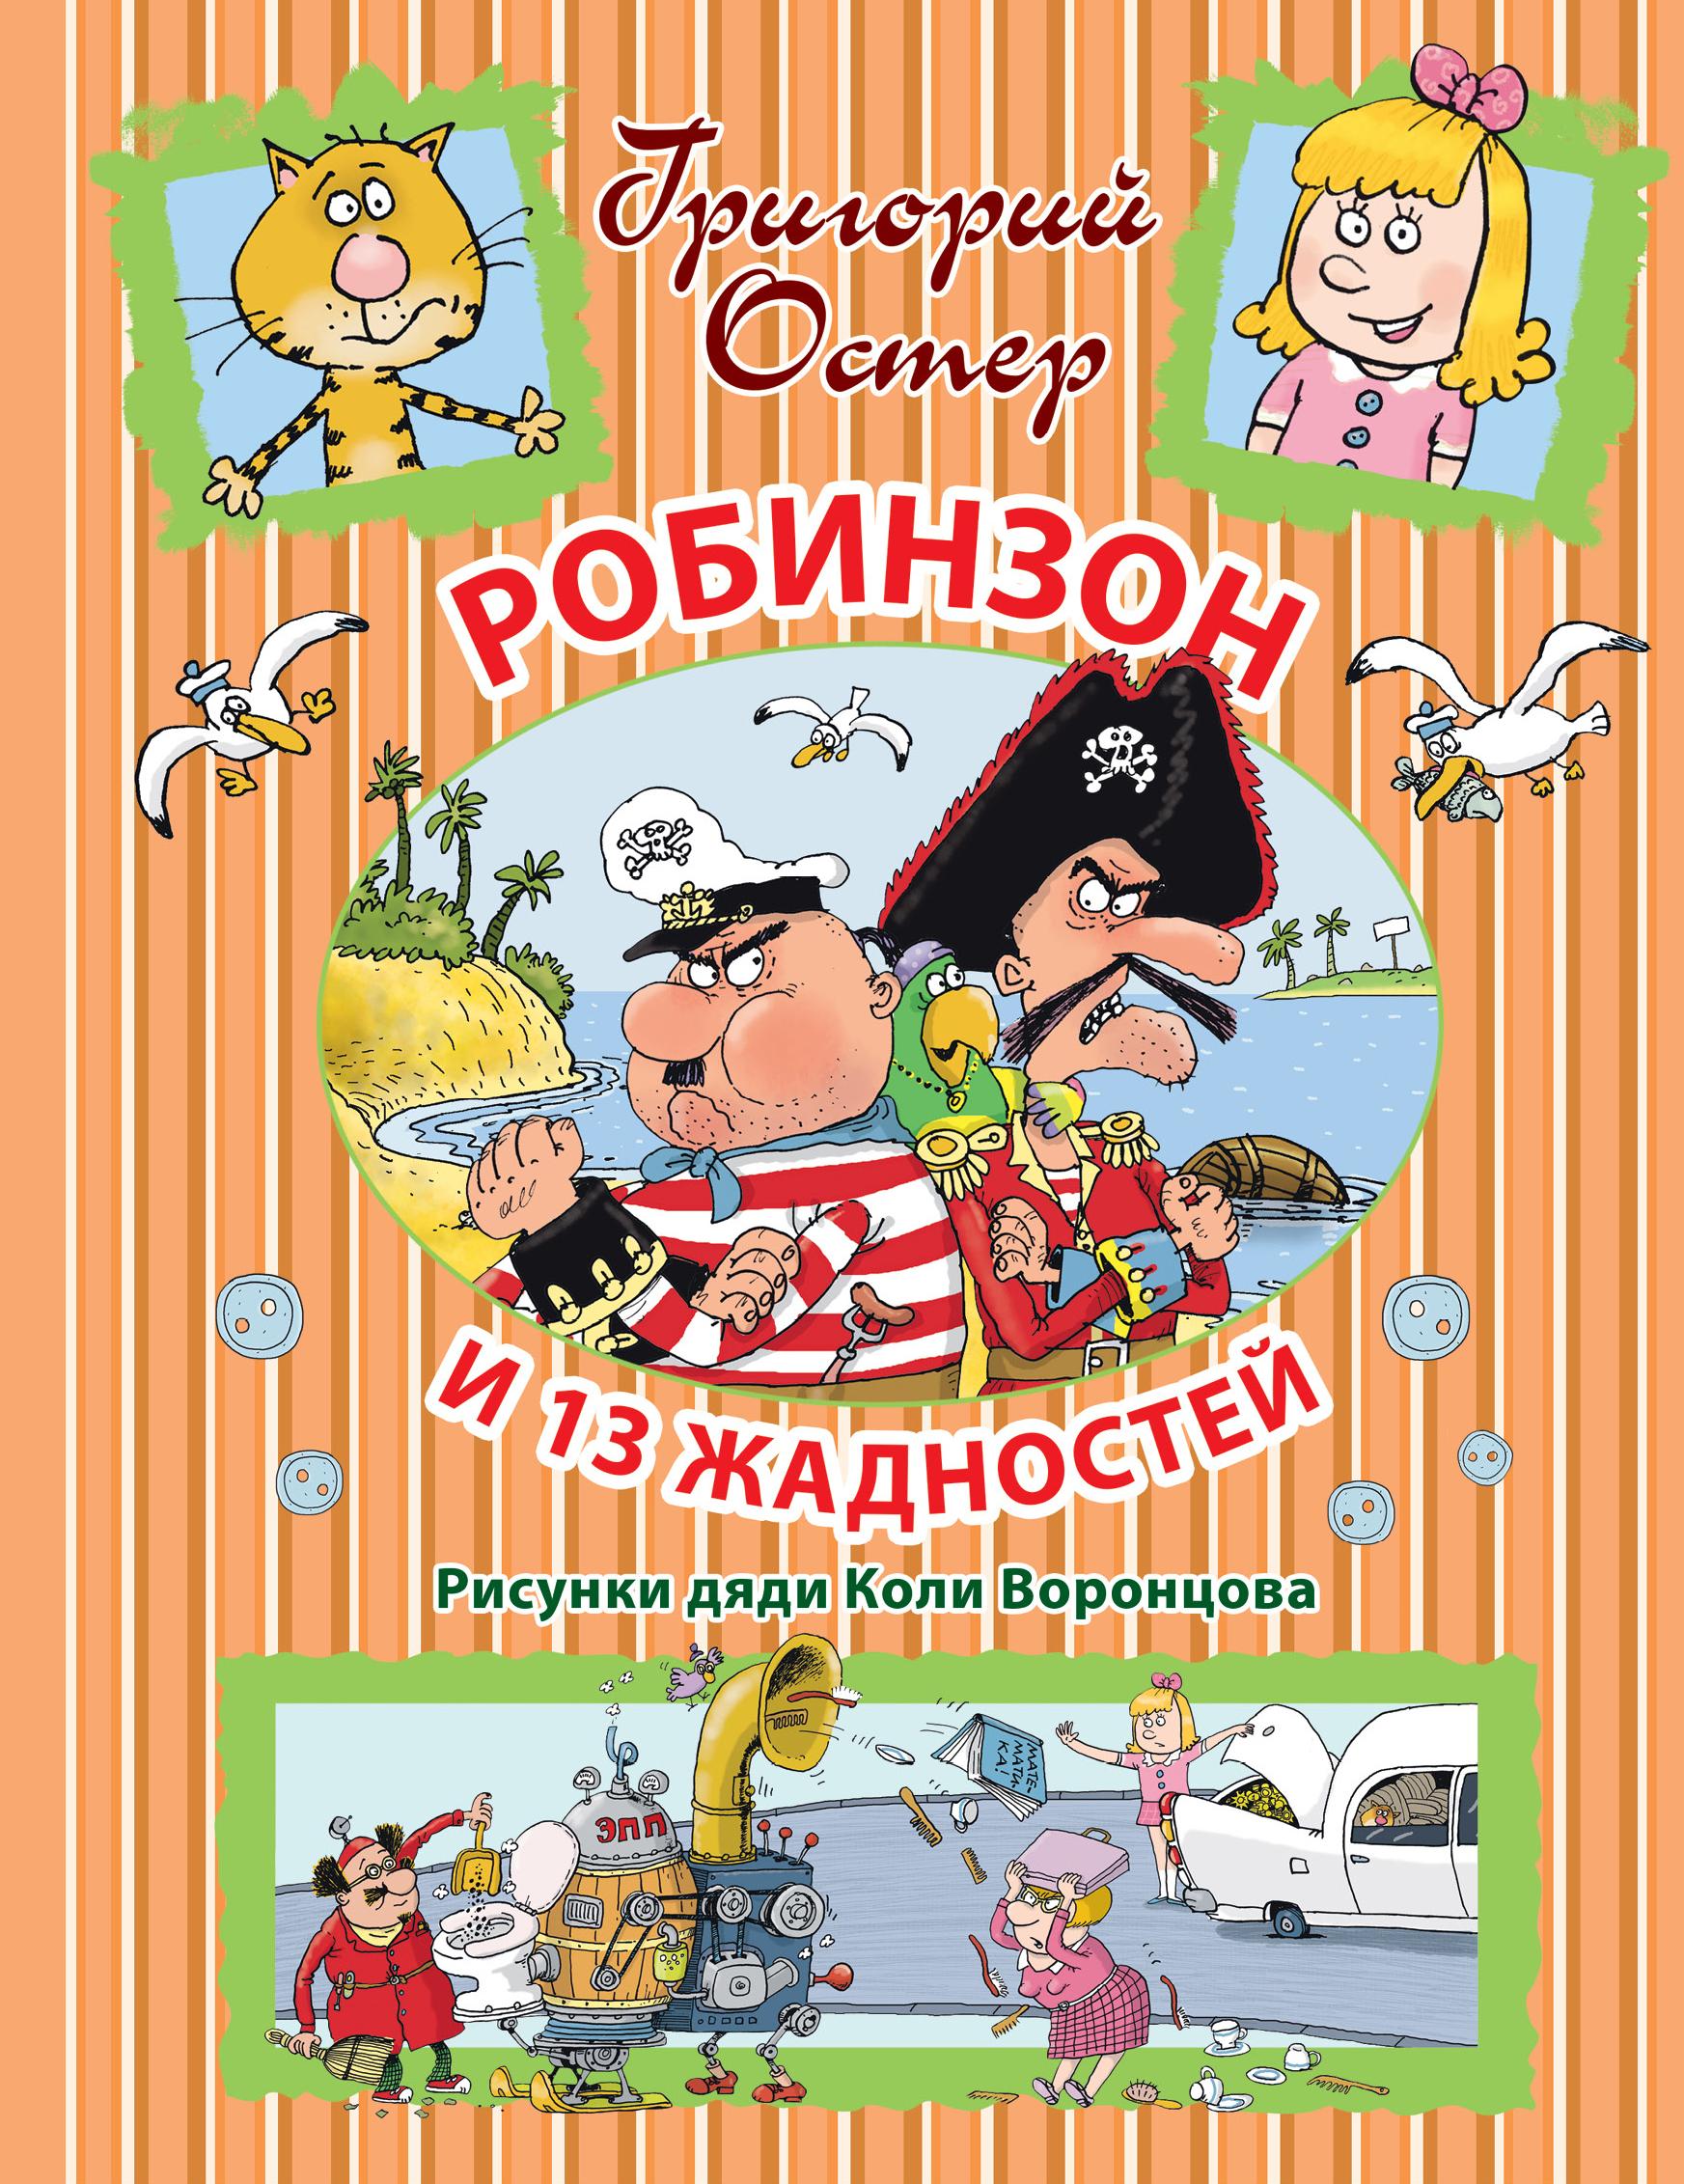 Остер Г.Б. Робинзон и 13 жадностей издательство аст робинзон и тринадцать жадностей